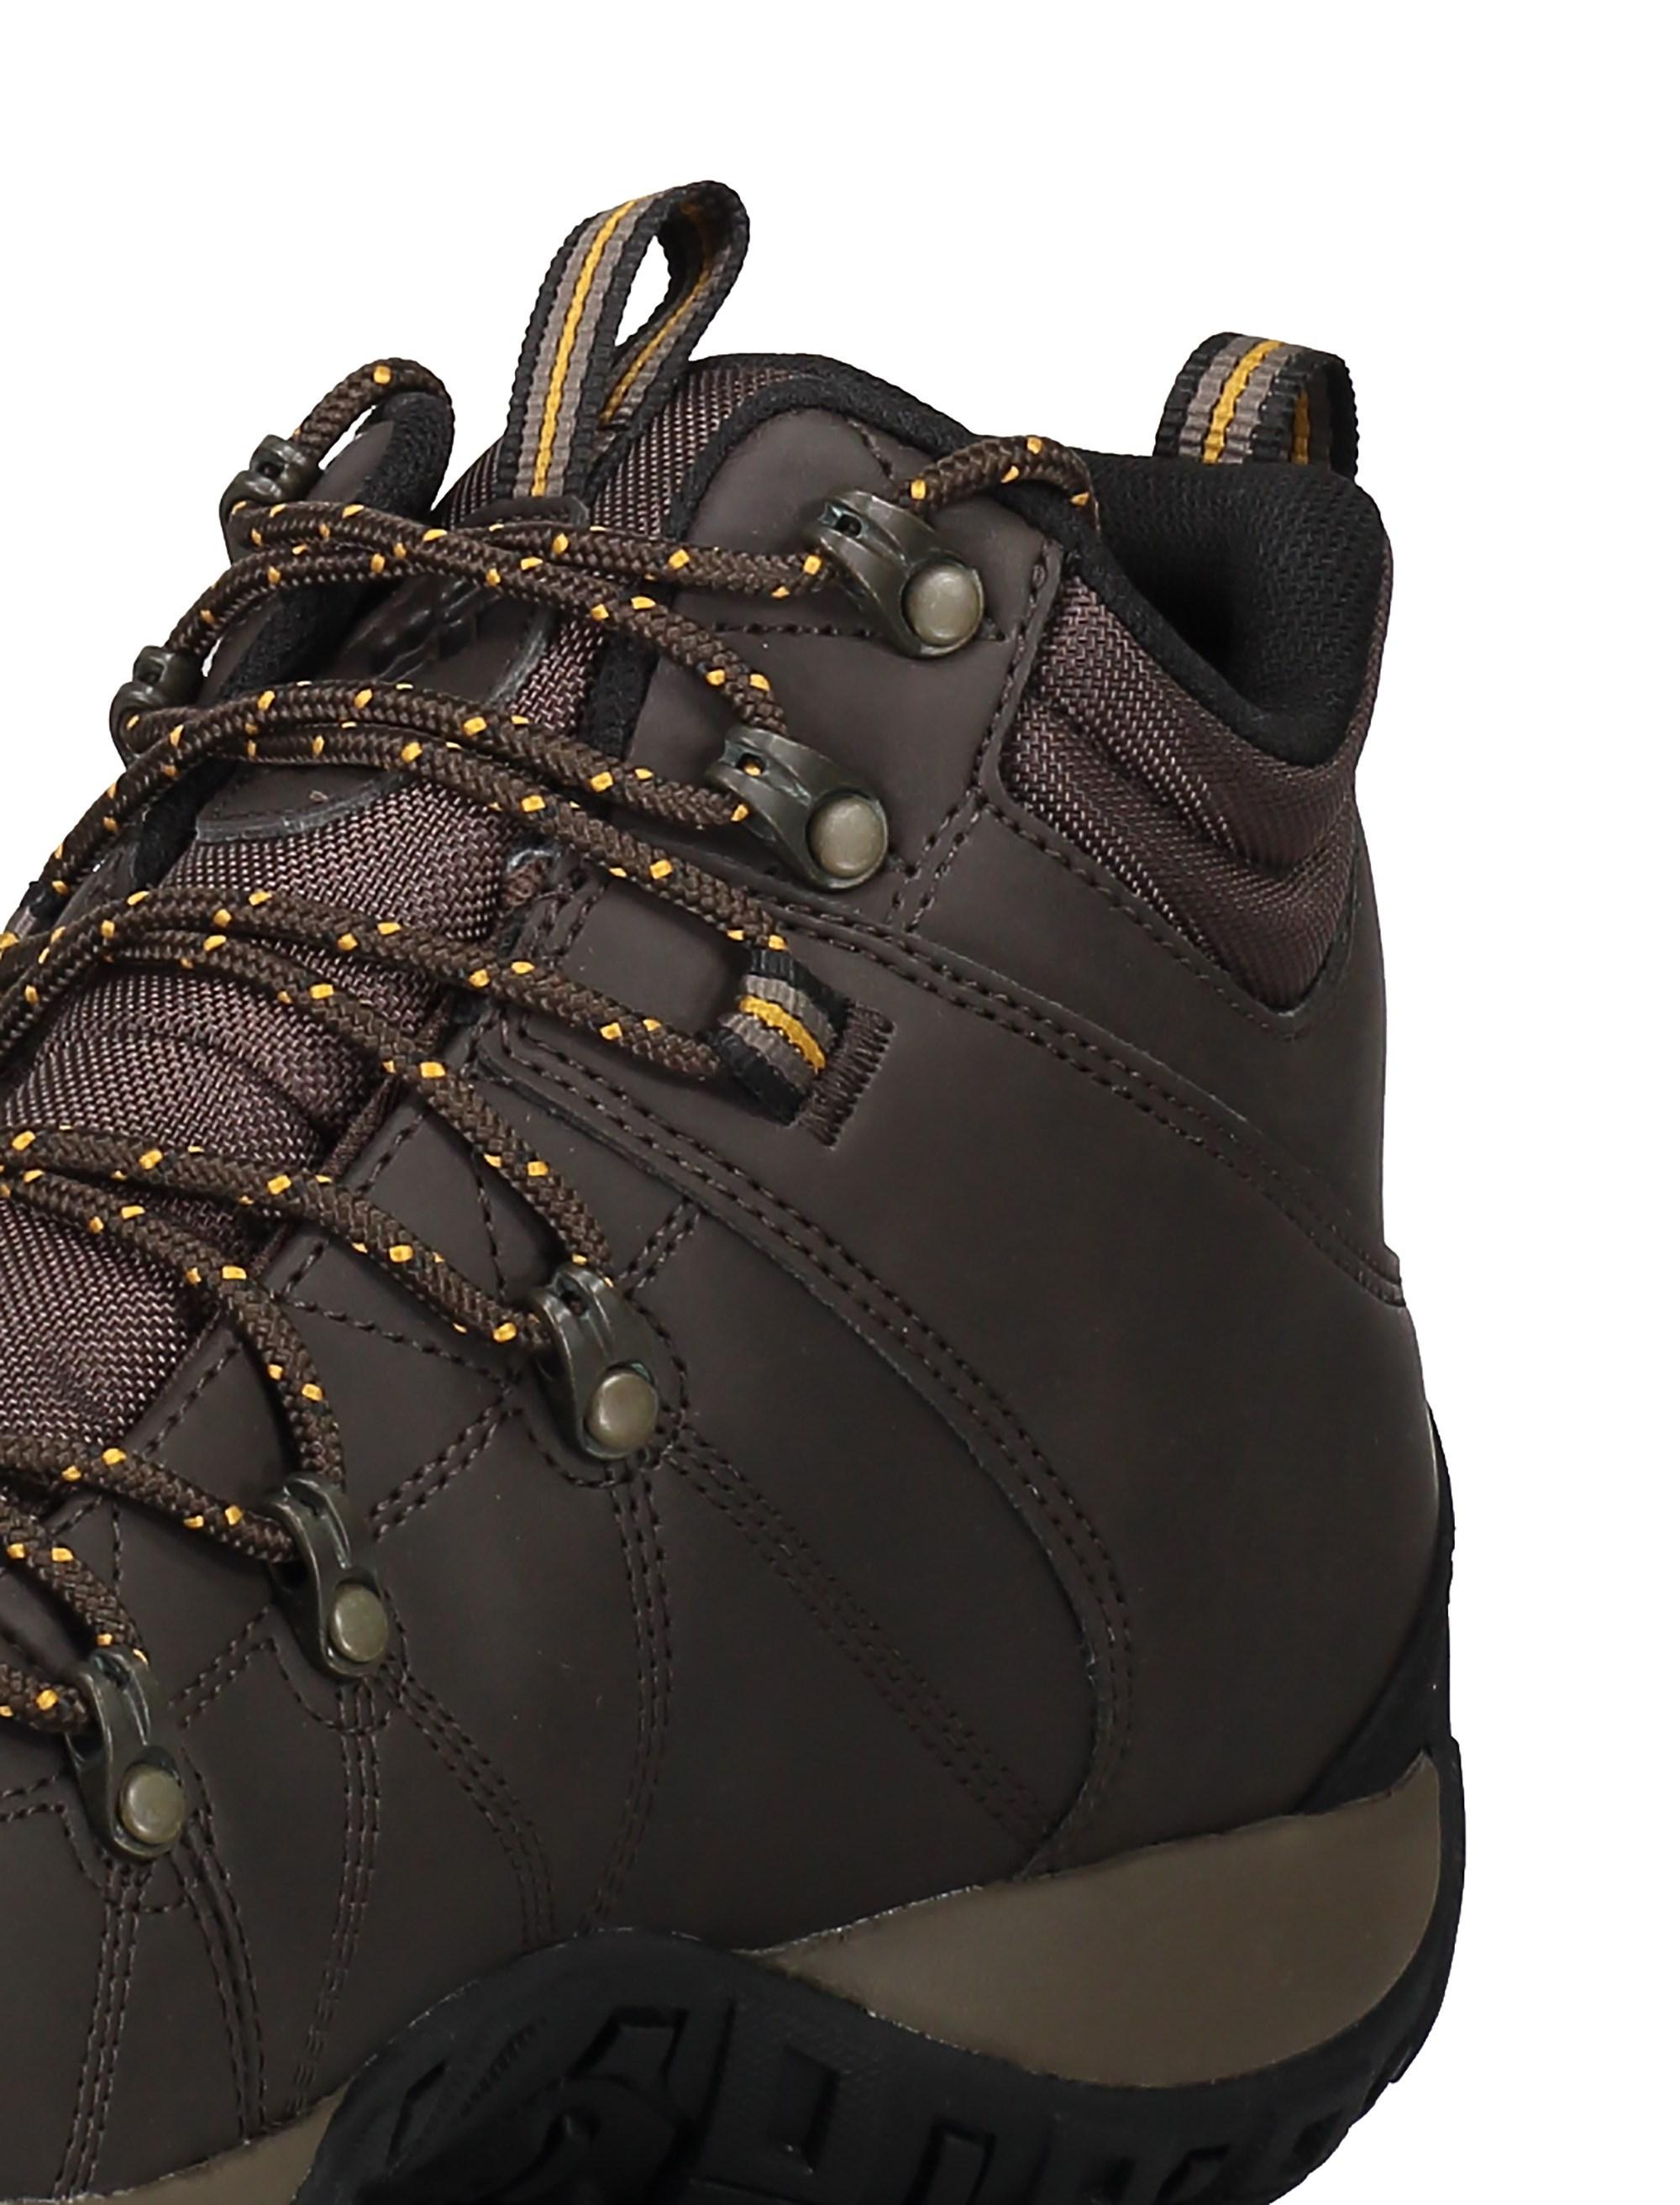 کفش کوهنوردی بندی مردانه Peakfreak Venture Mid Waterproof -  - 6